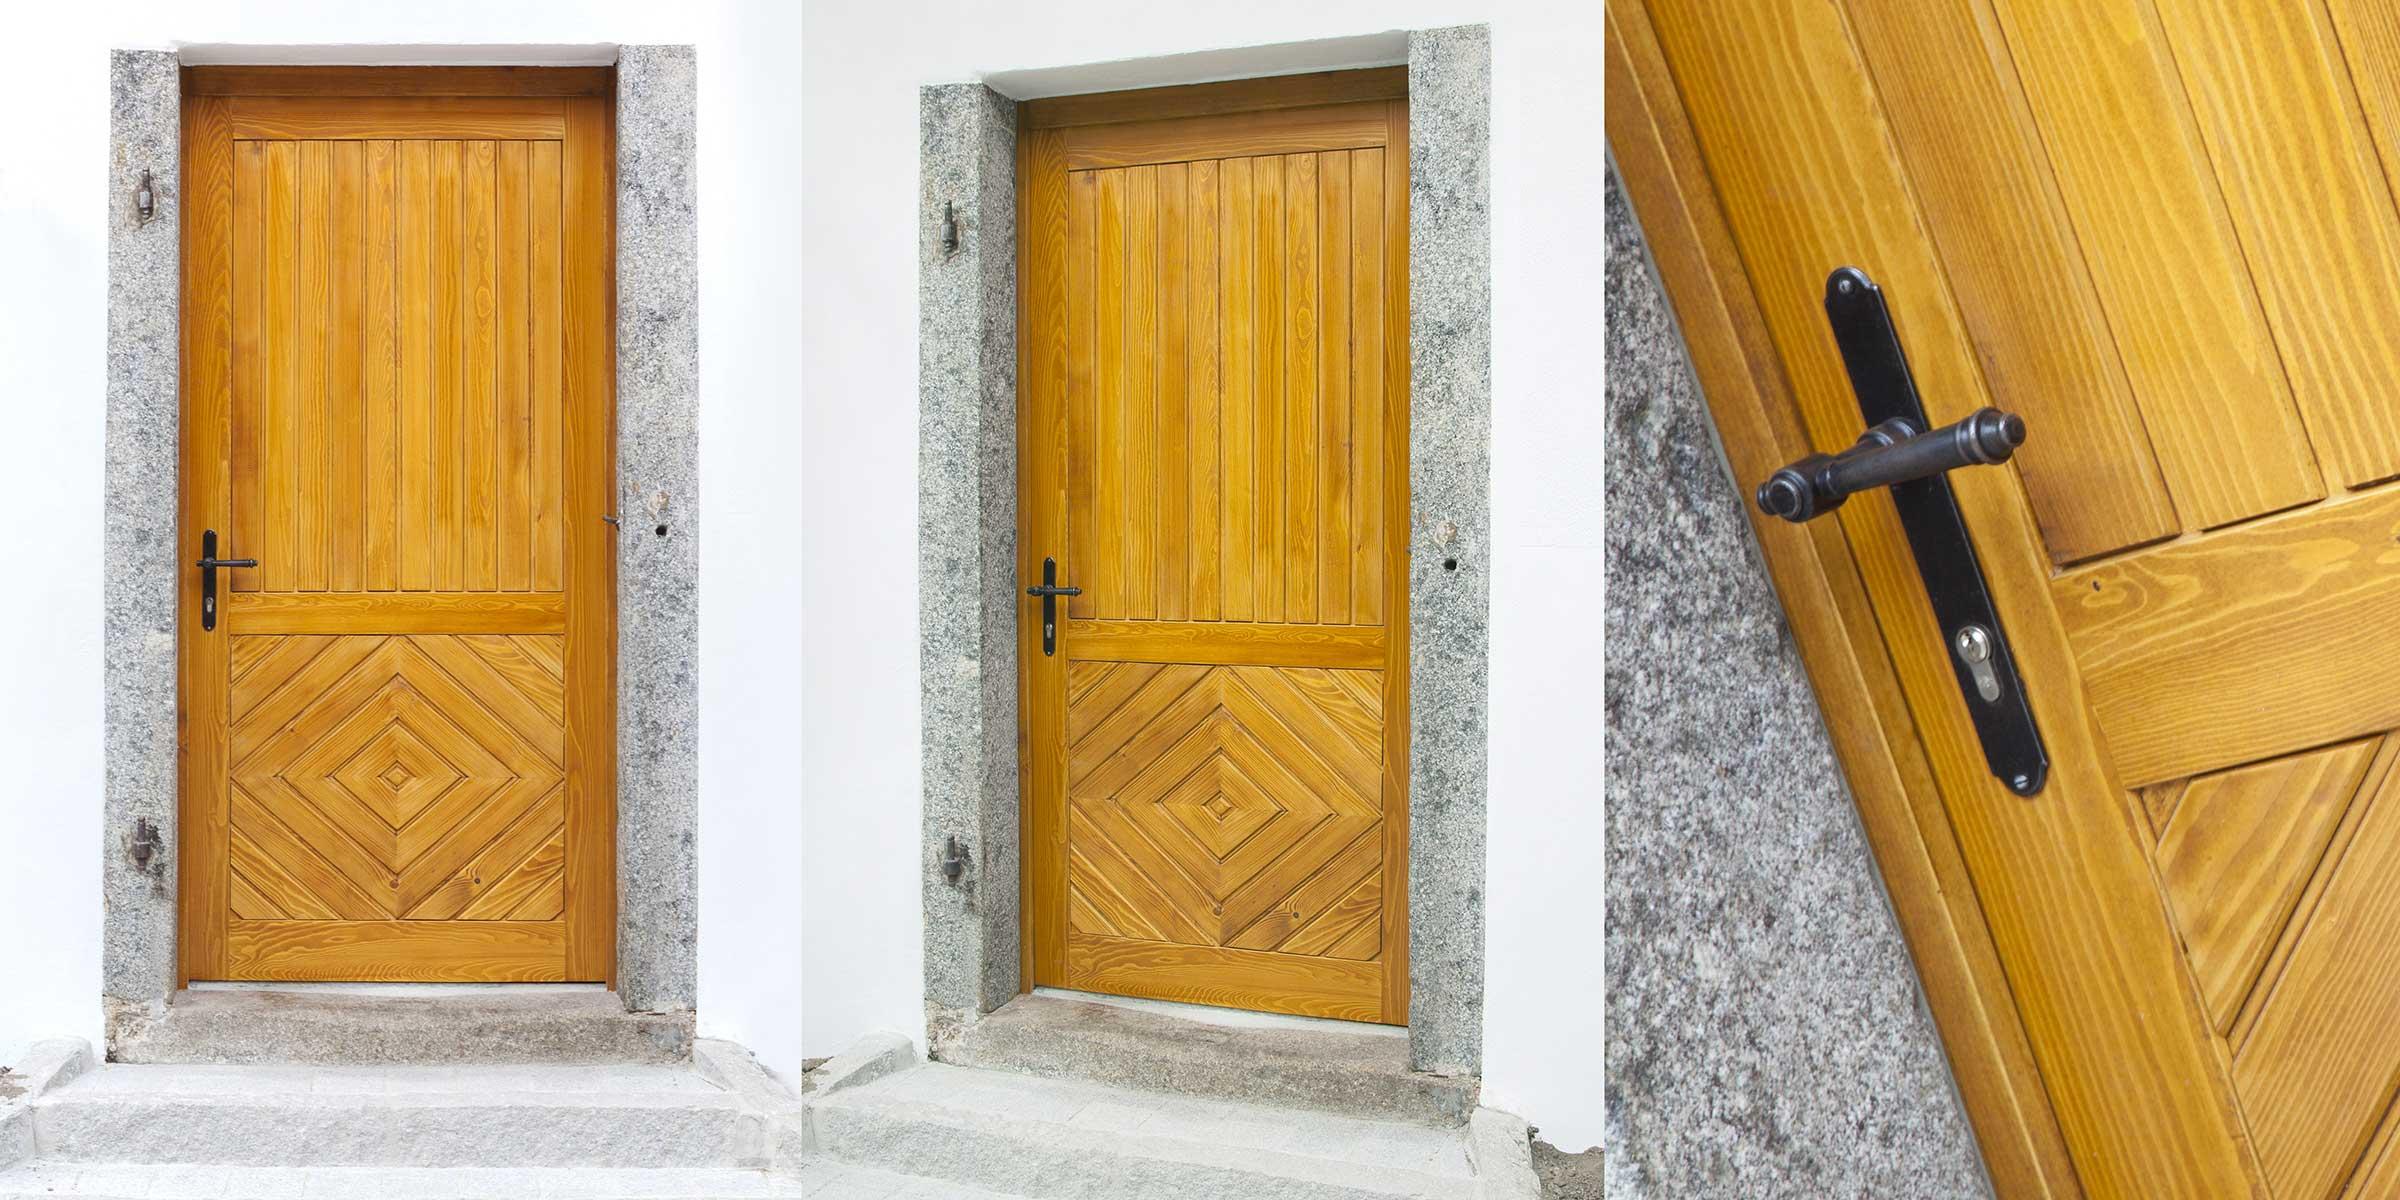 renovierte-eingangstuer_tischlerei-hummer-feldkirchen-hoftür-in-Steingericht-Fichte-lassiert Tischler Hans Hummer Feldkirchen an der Donau